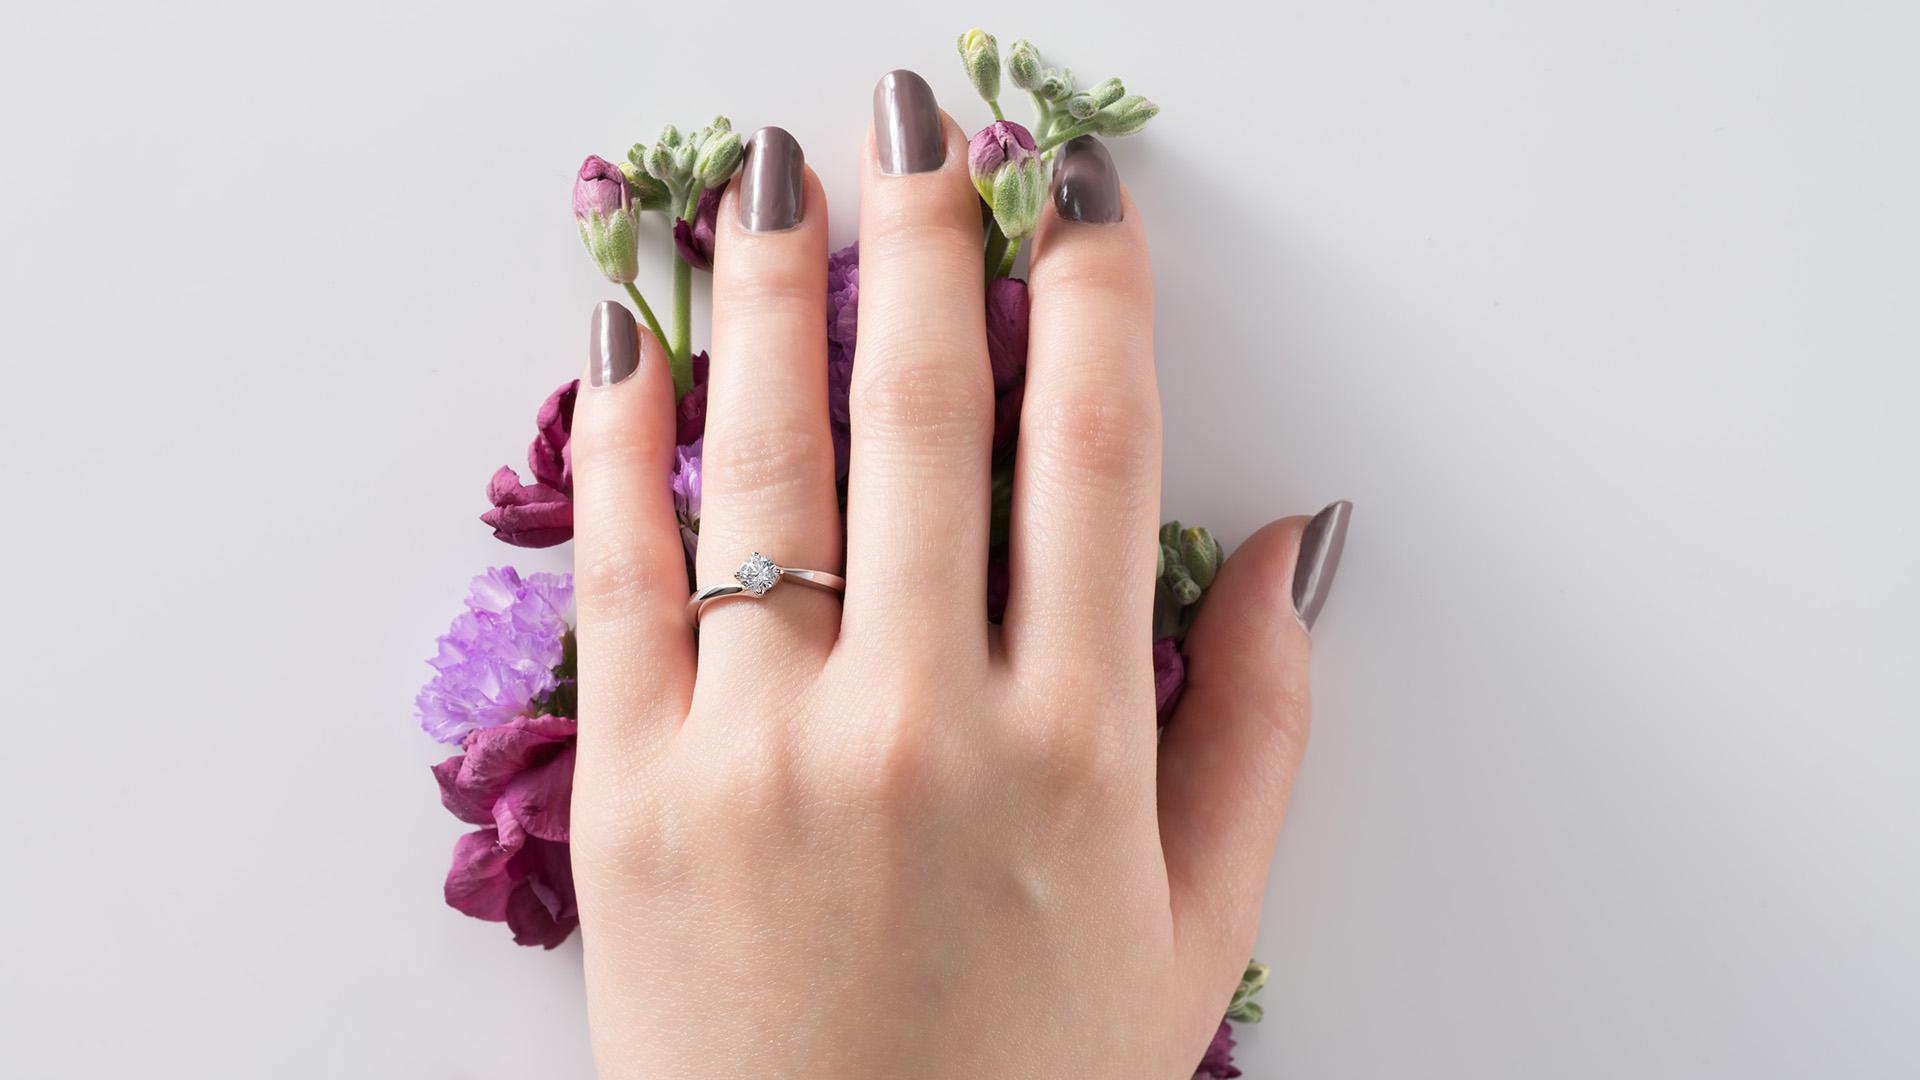 archel アーケル | 婚約指輪サムネイル 3